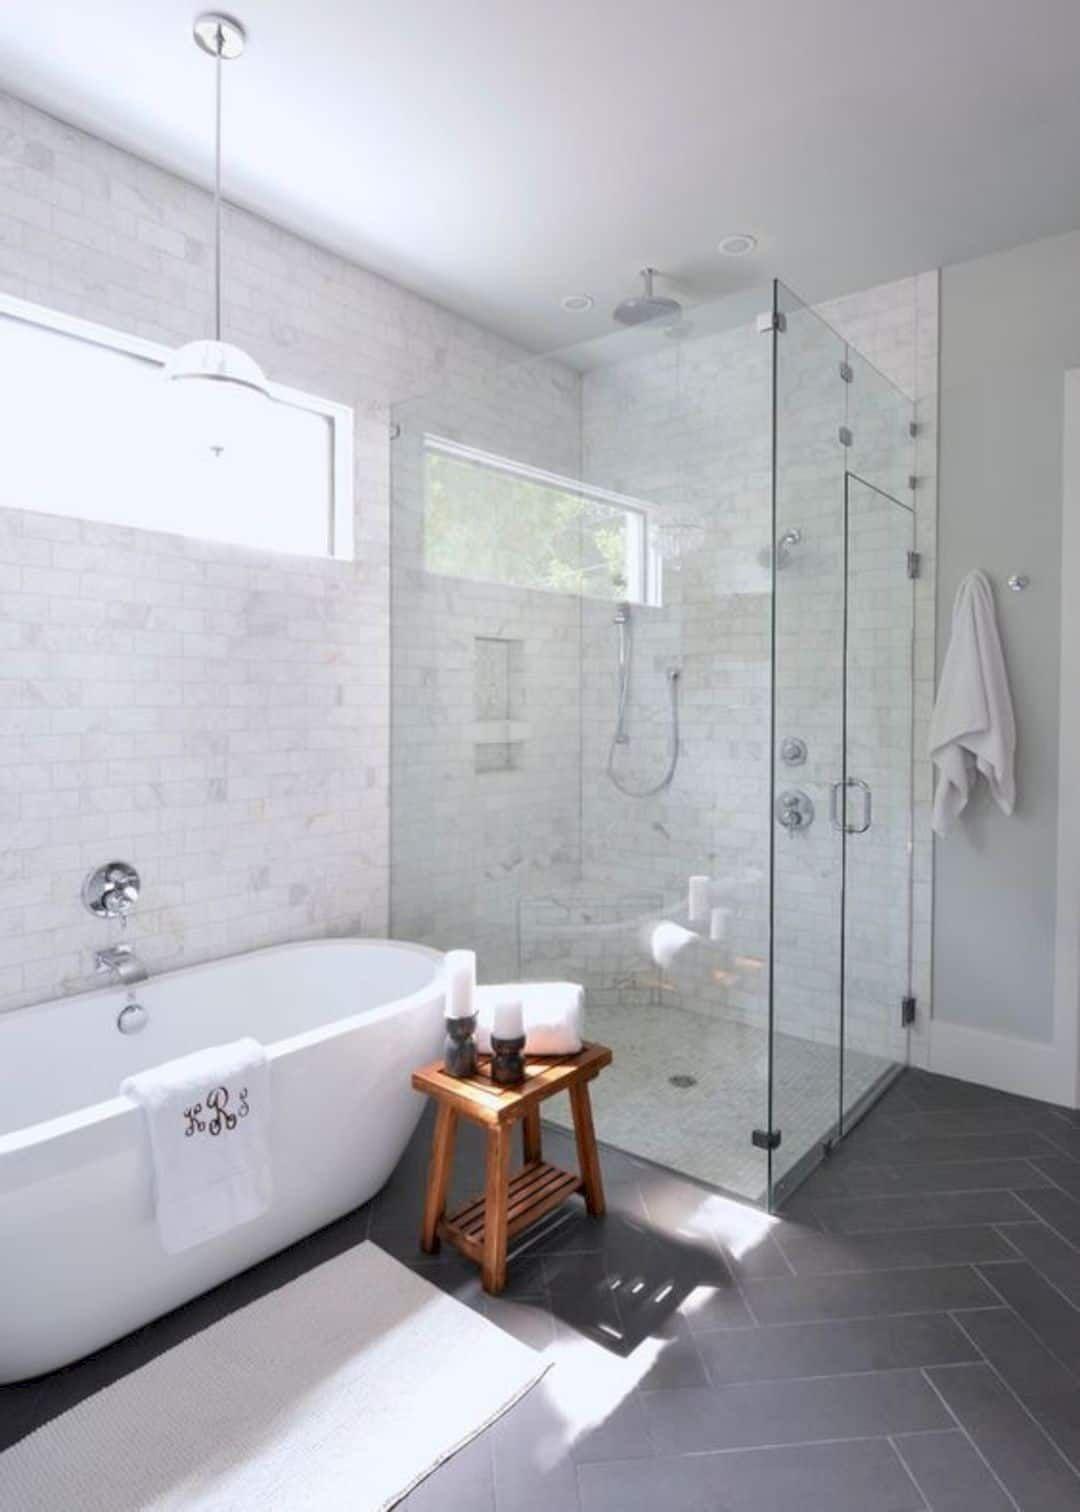 15 Ensuite Bathroom Ideas Transitional Bathroom Design Modern Farmhouse Bathroom Small Bathroom Remodel